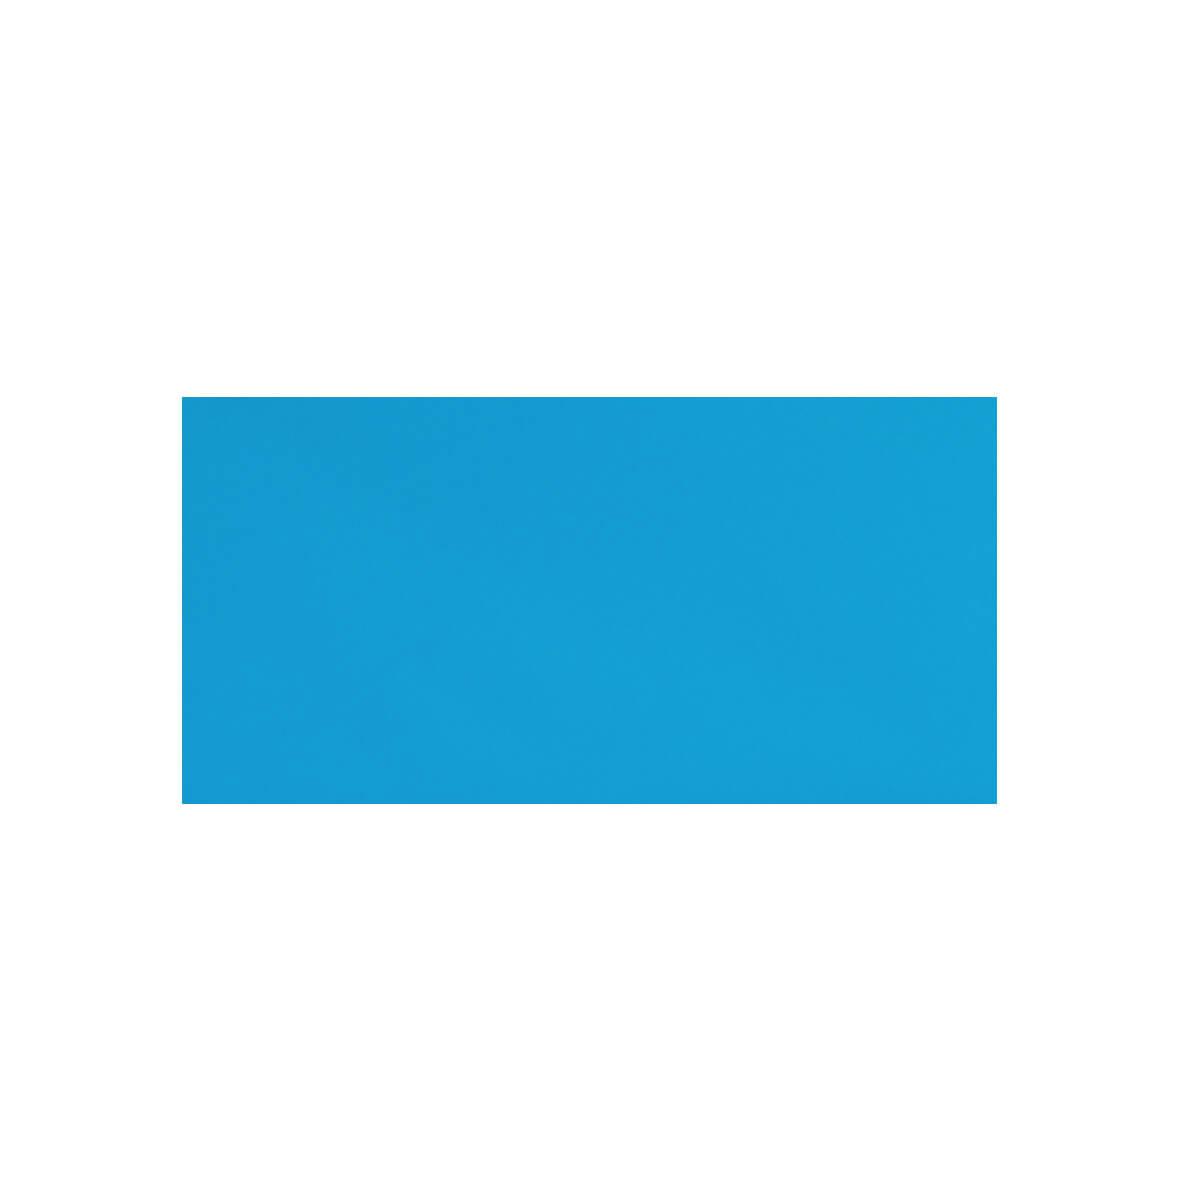 DL BRIGHT BLUE ENVELOPES 120GSM